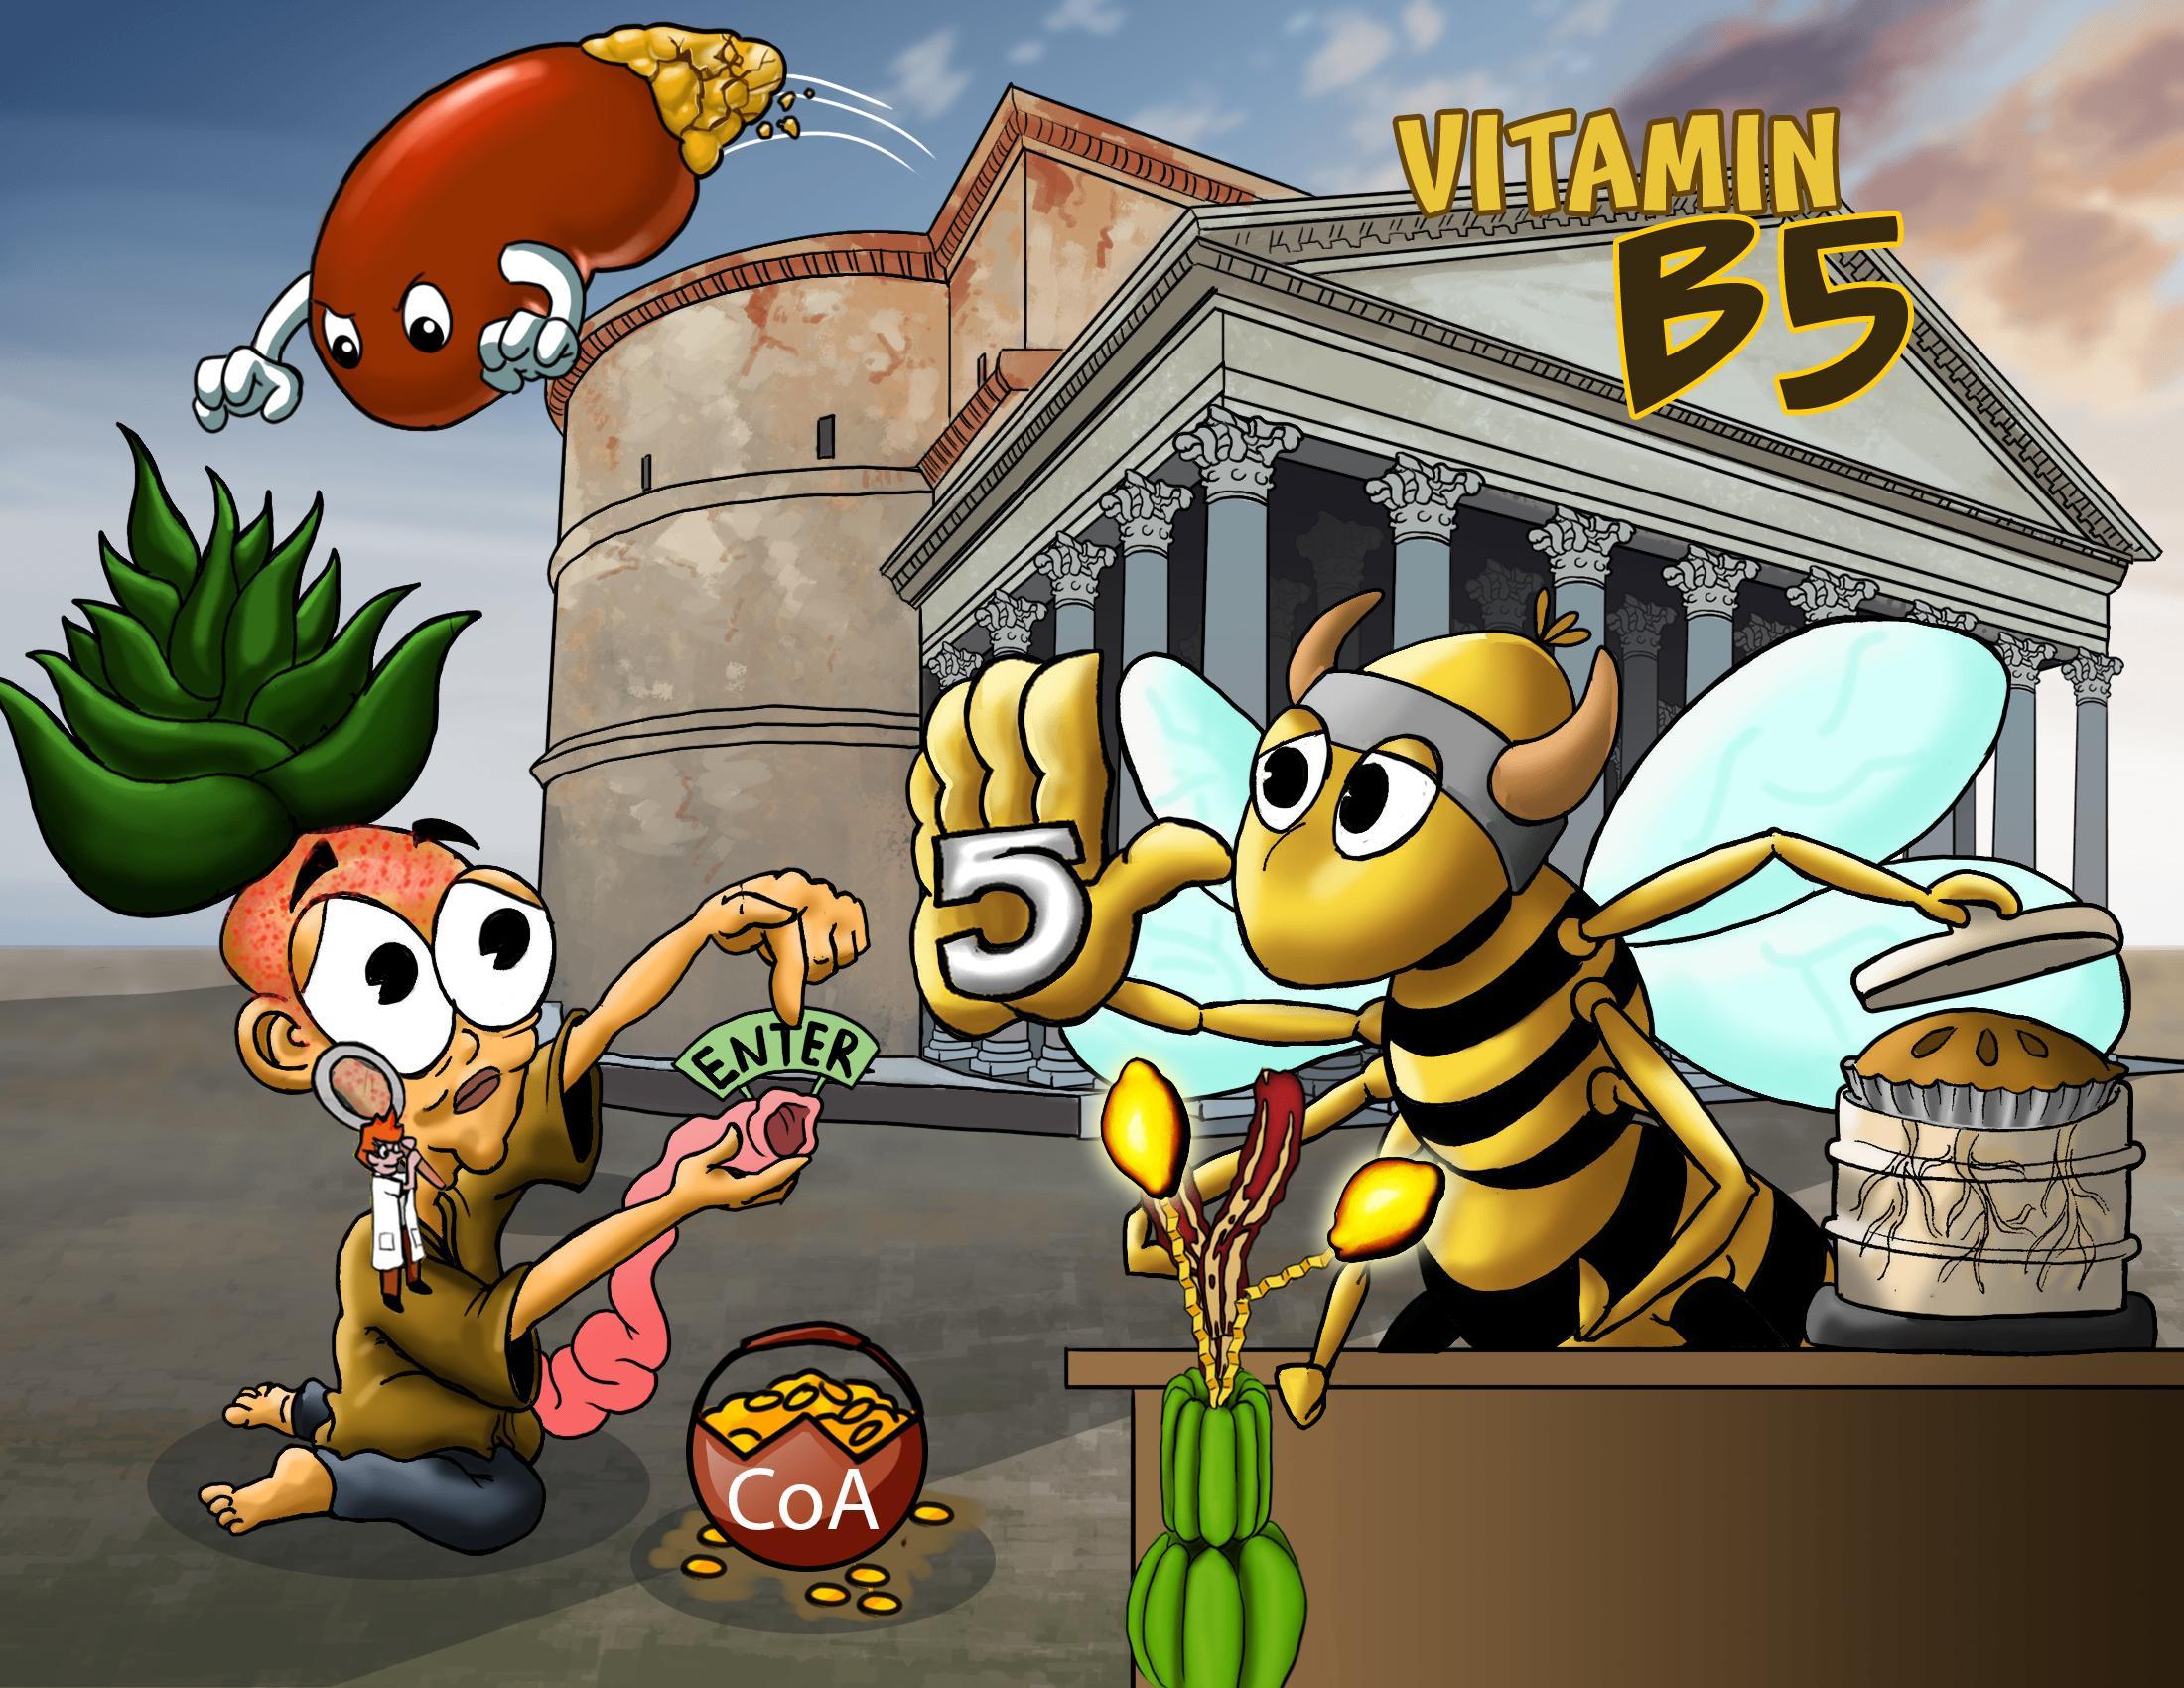 Vitamin B5 (Pantothenate)